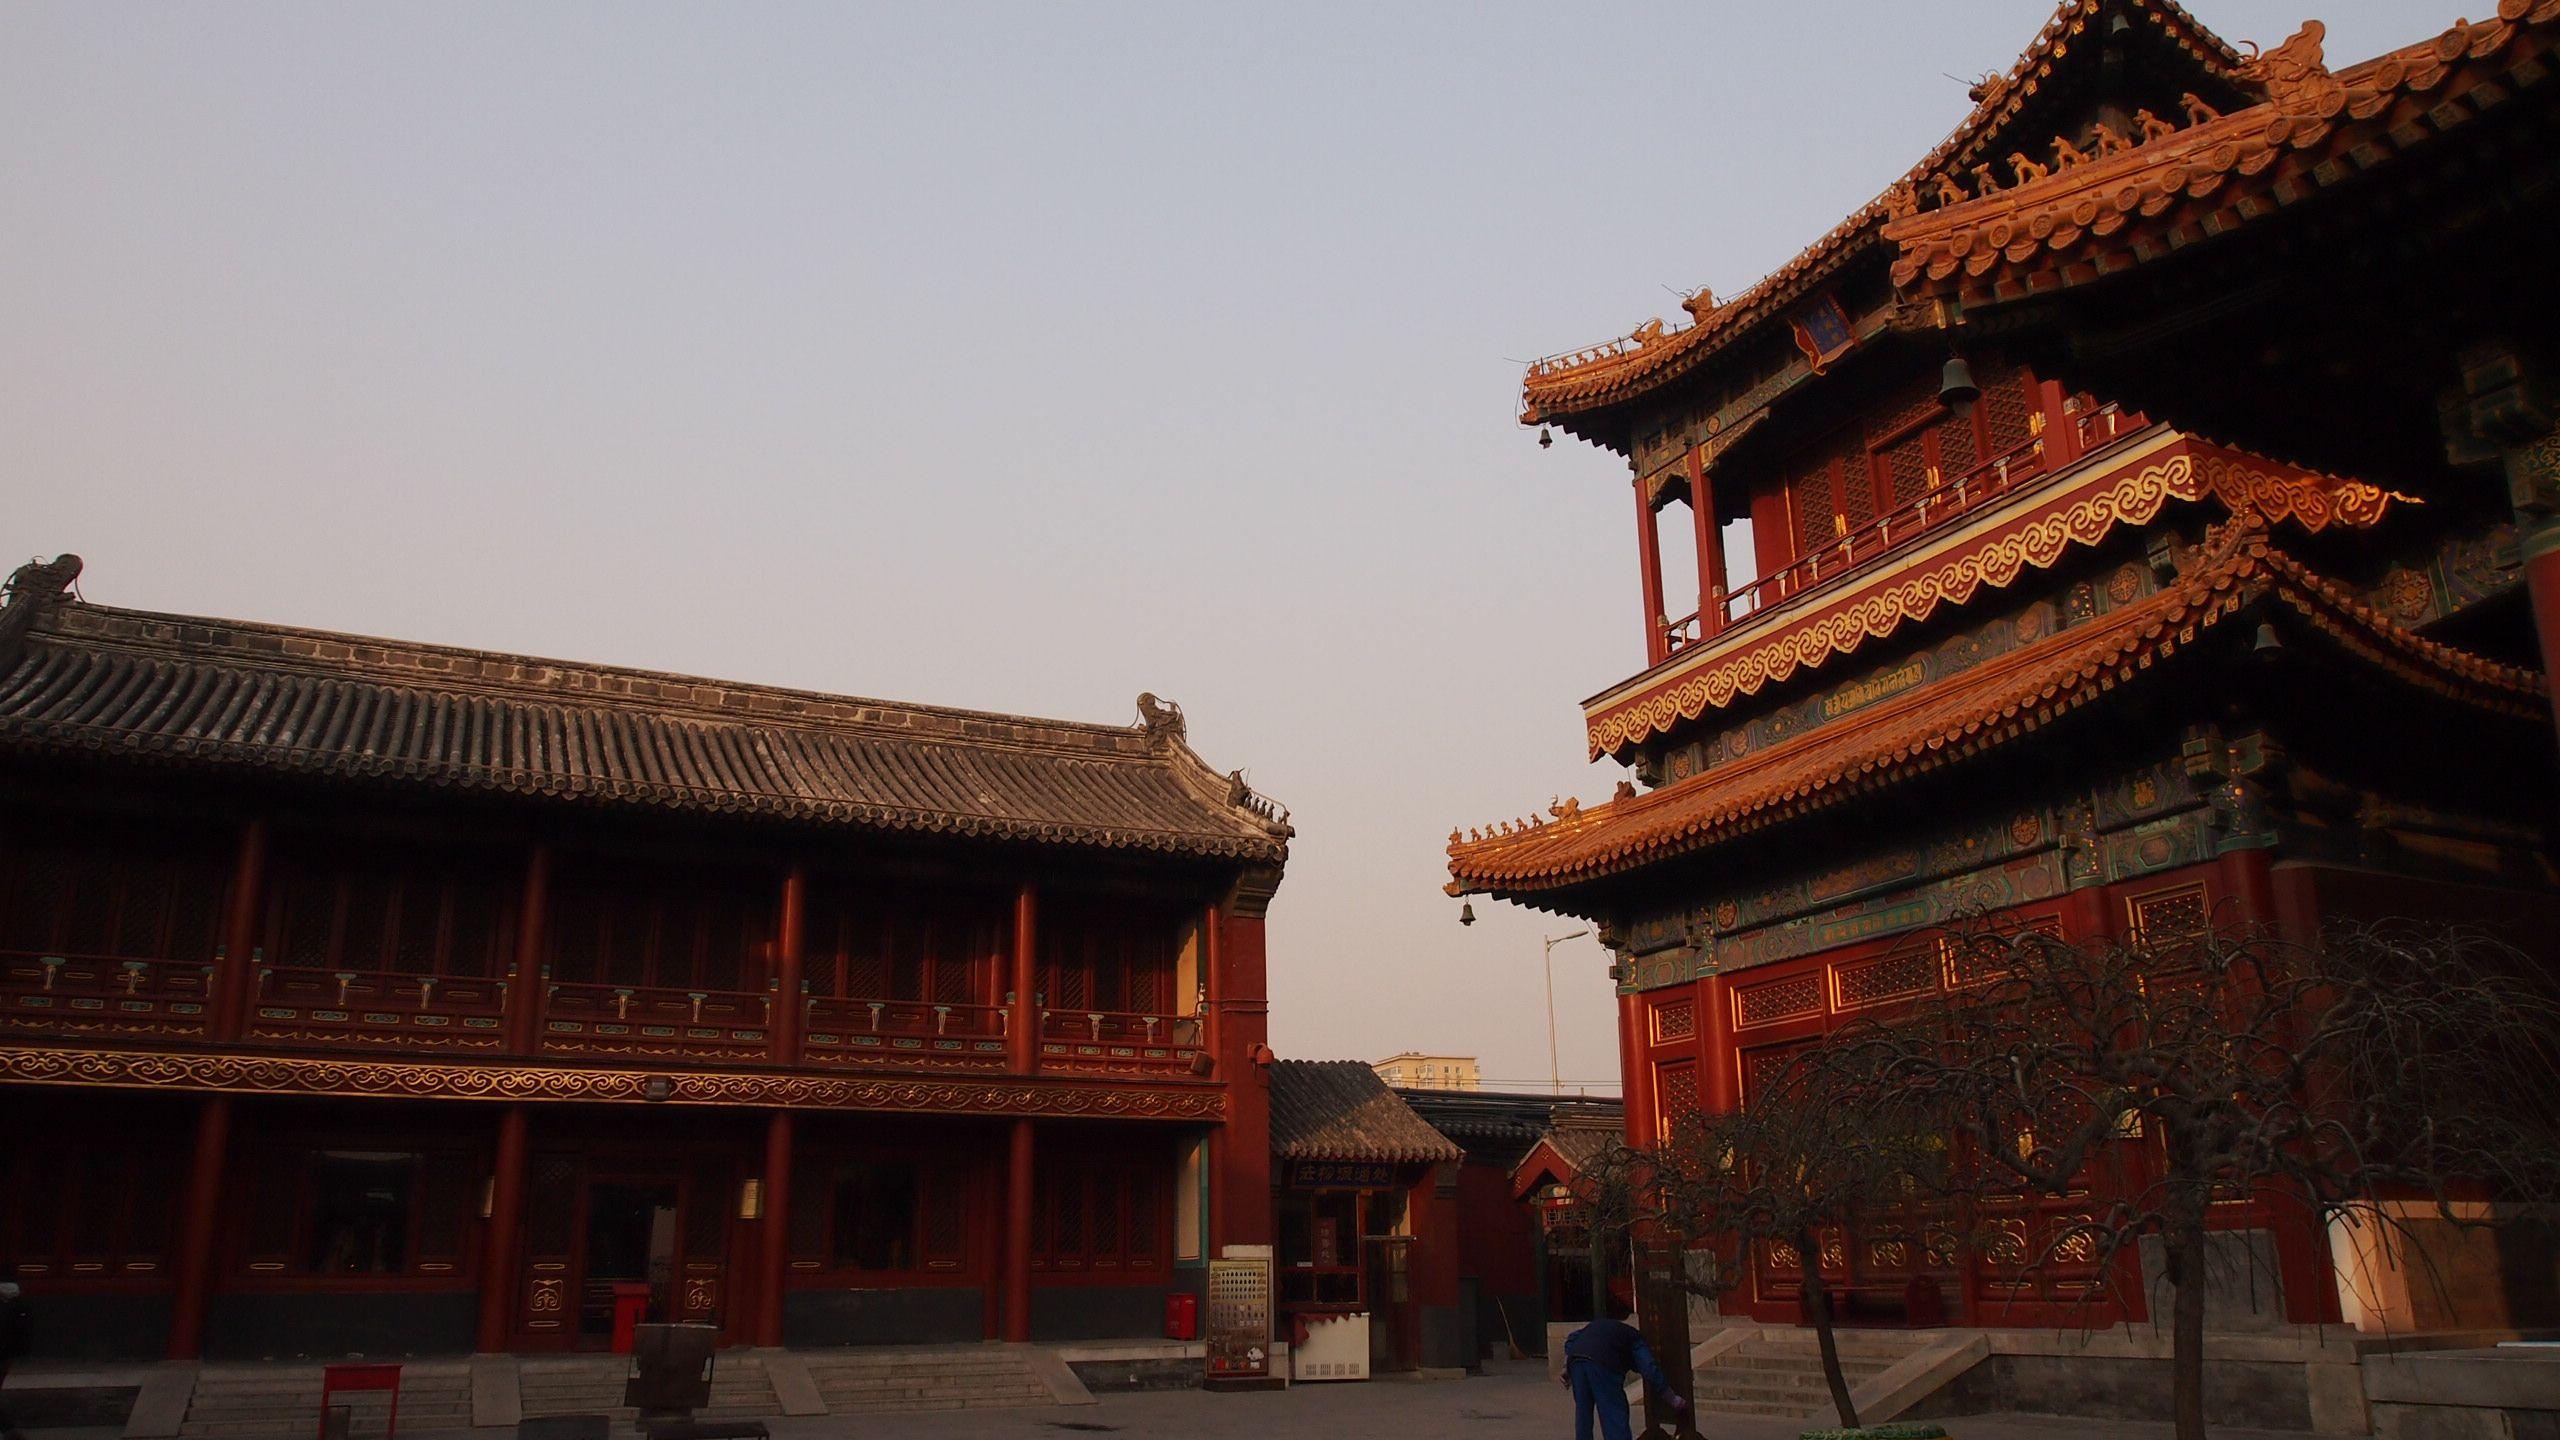 两旁则刻有由紫檀木雕成的五百罗汉壁画